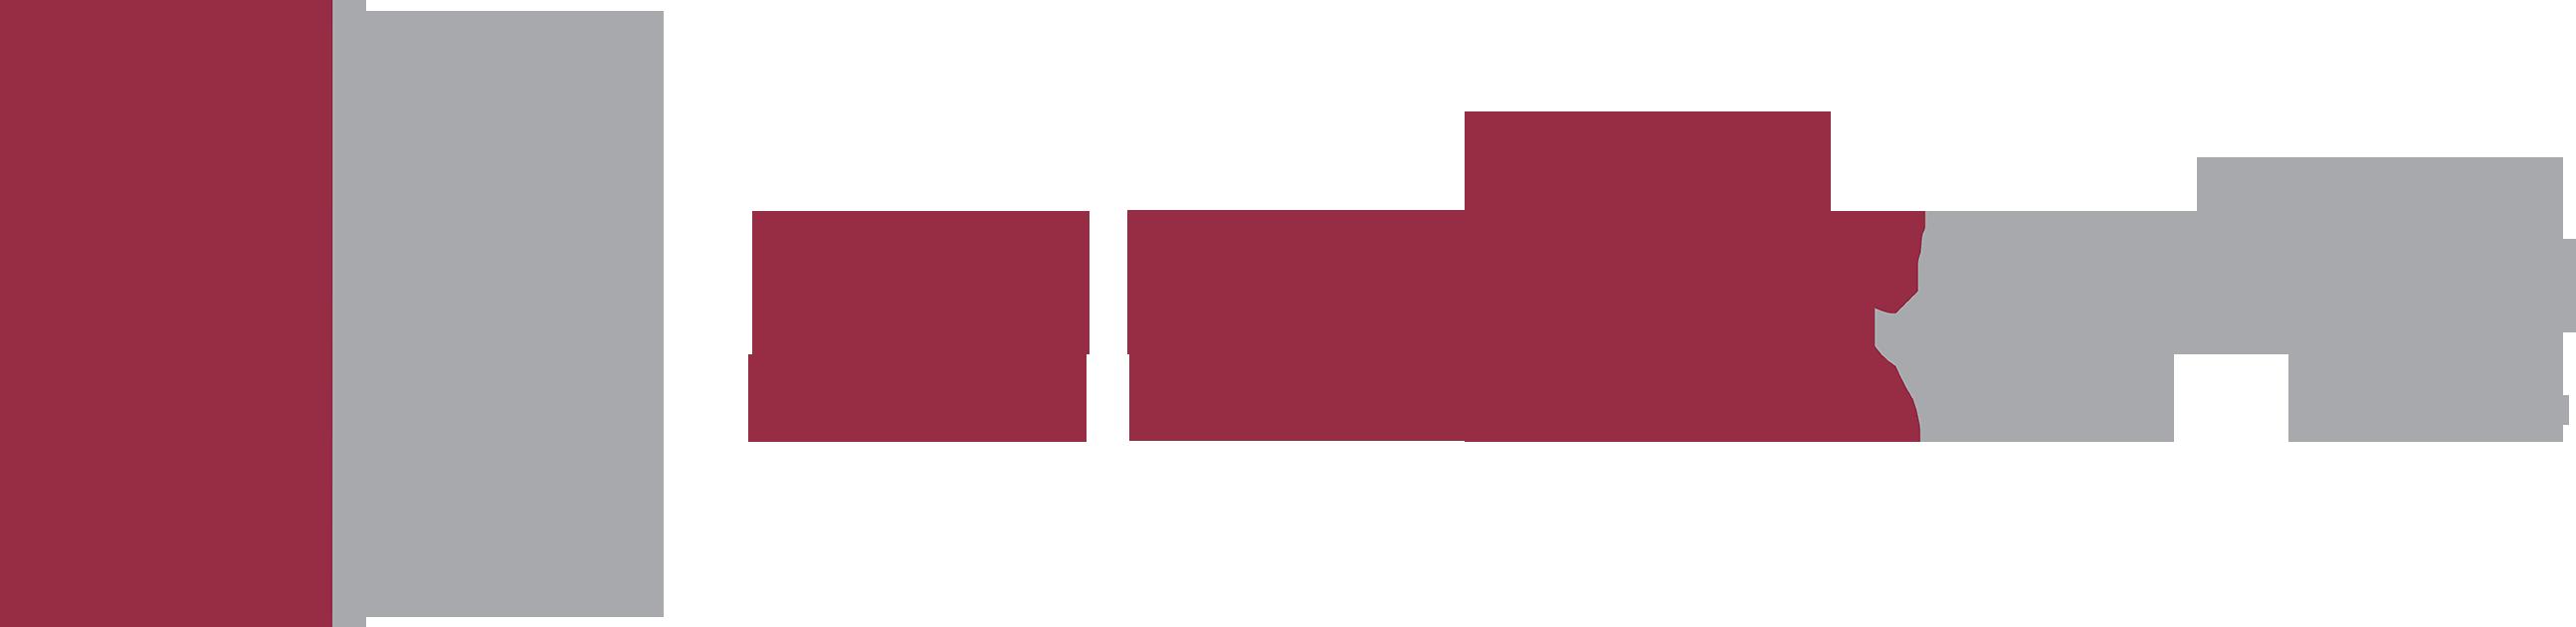 acusticarte_logo_neg.png